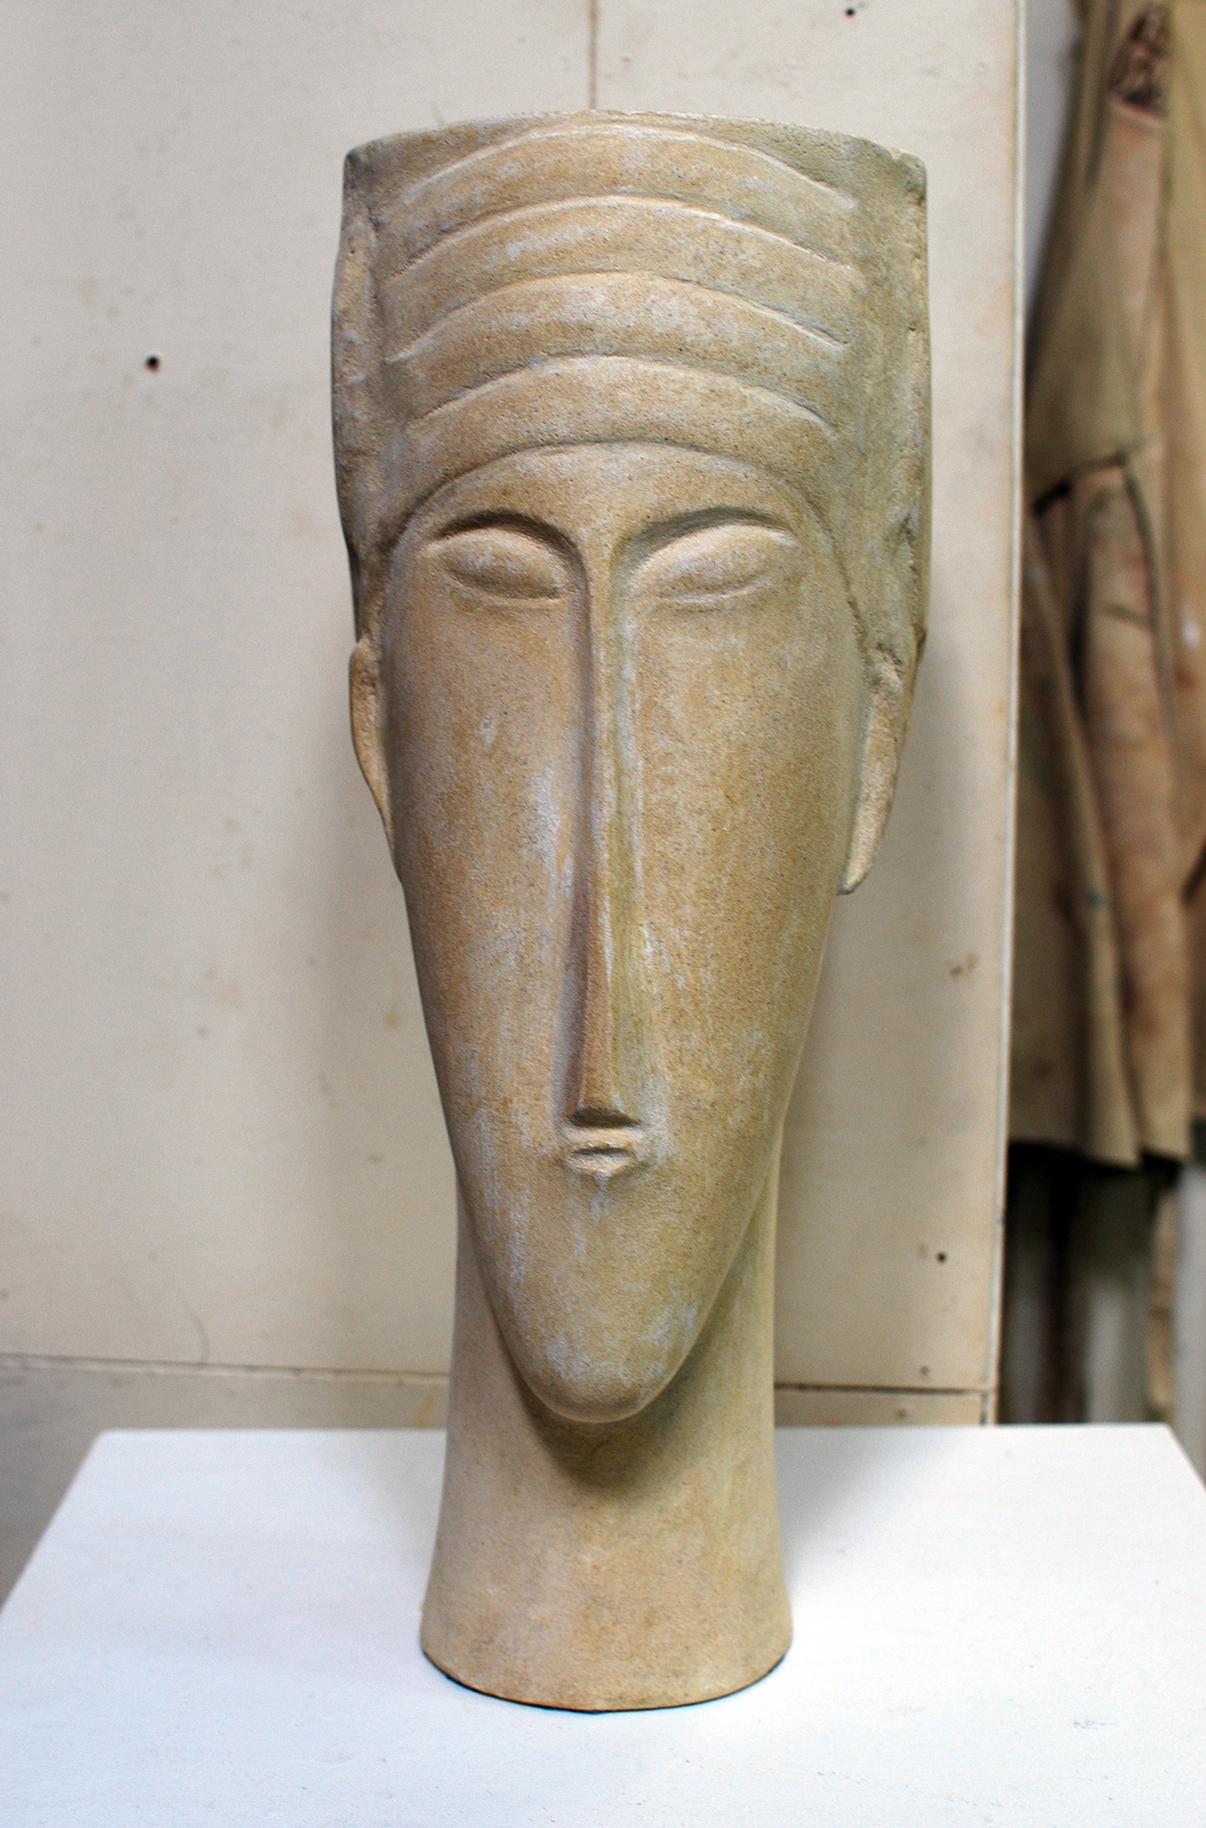 Copy of 'Modigliani Study', cement, $1,150